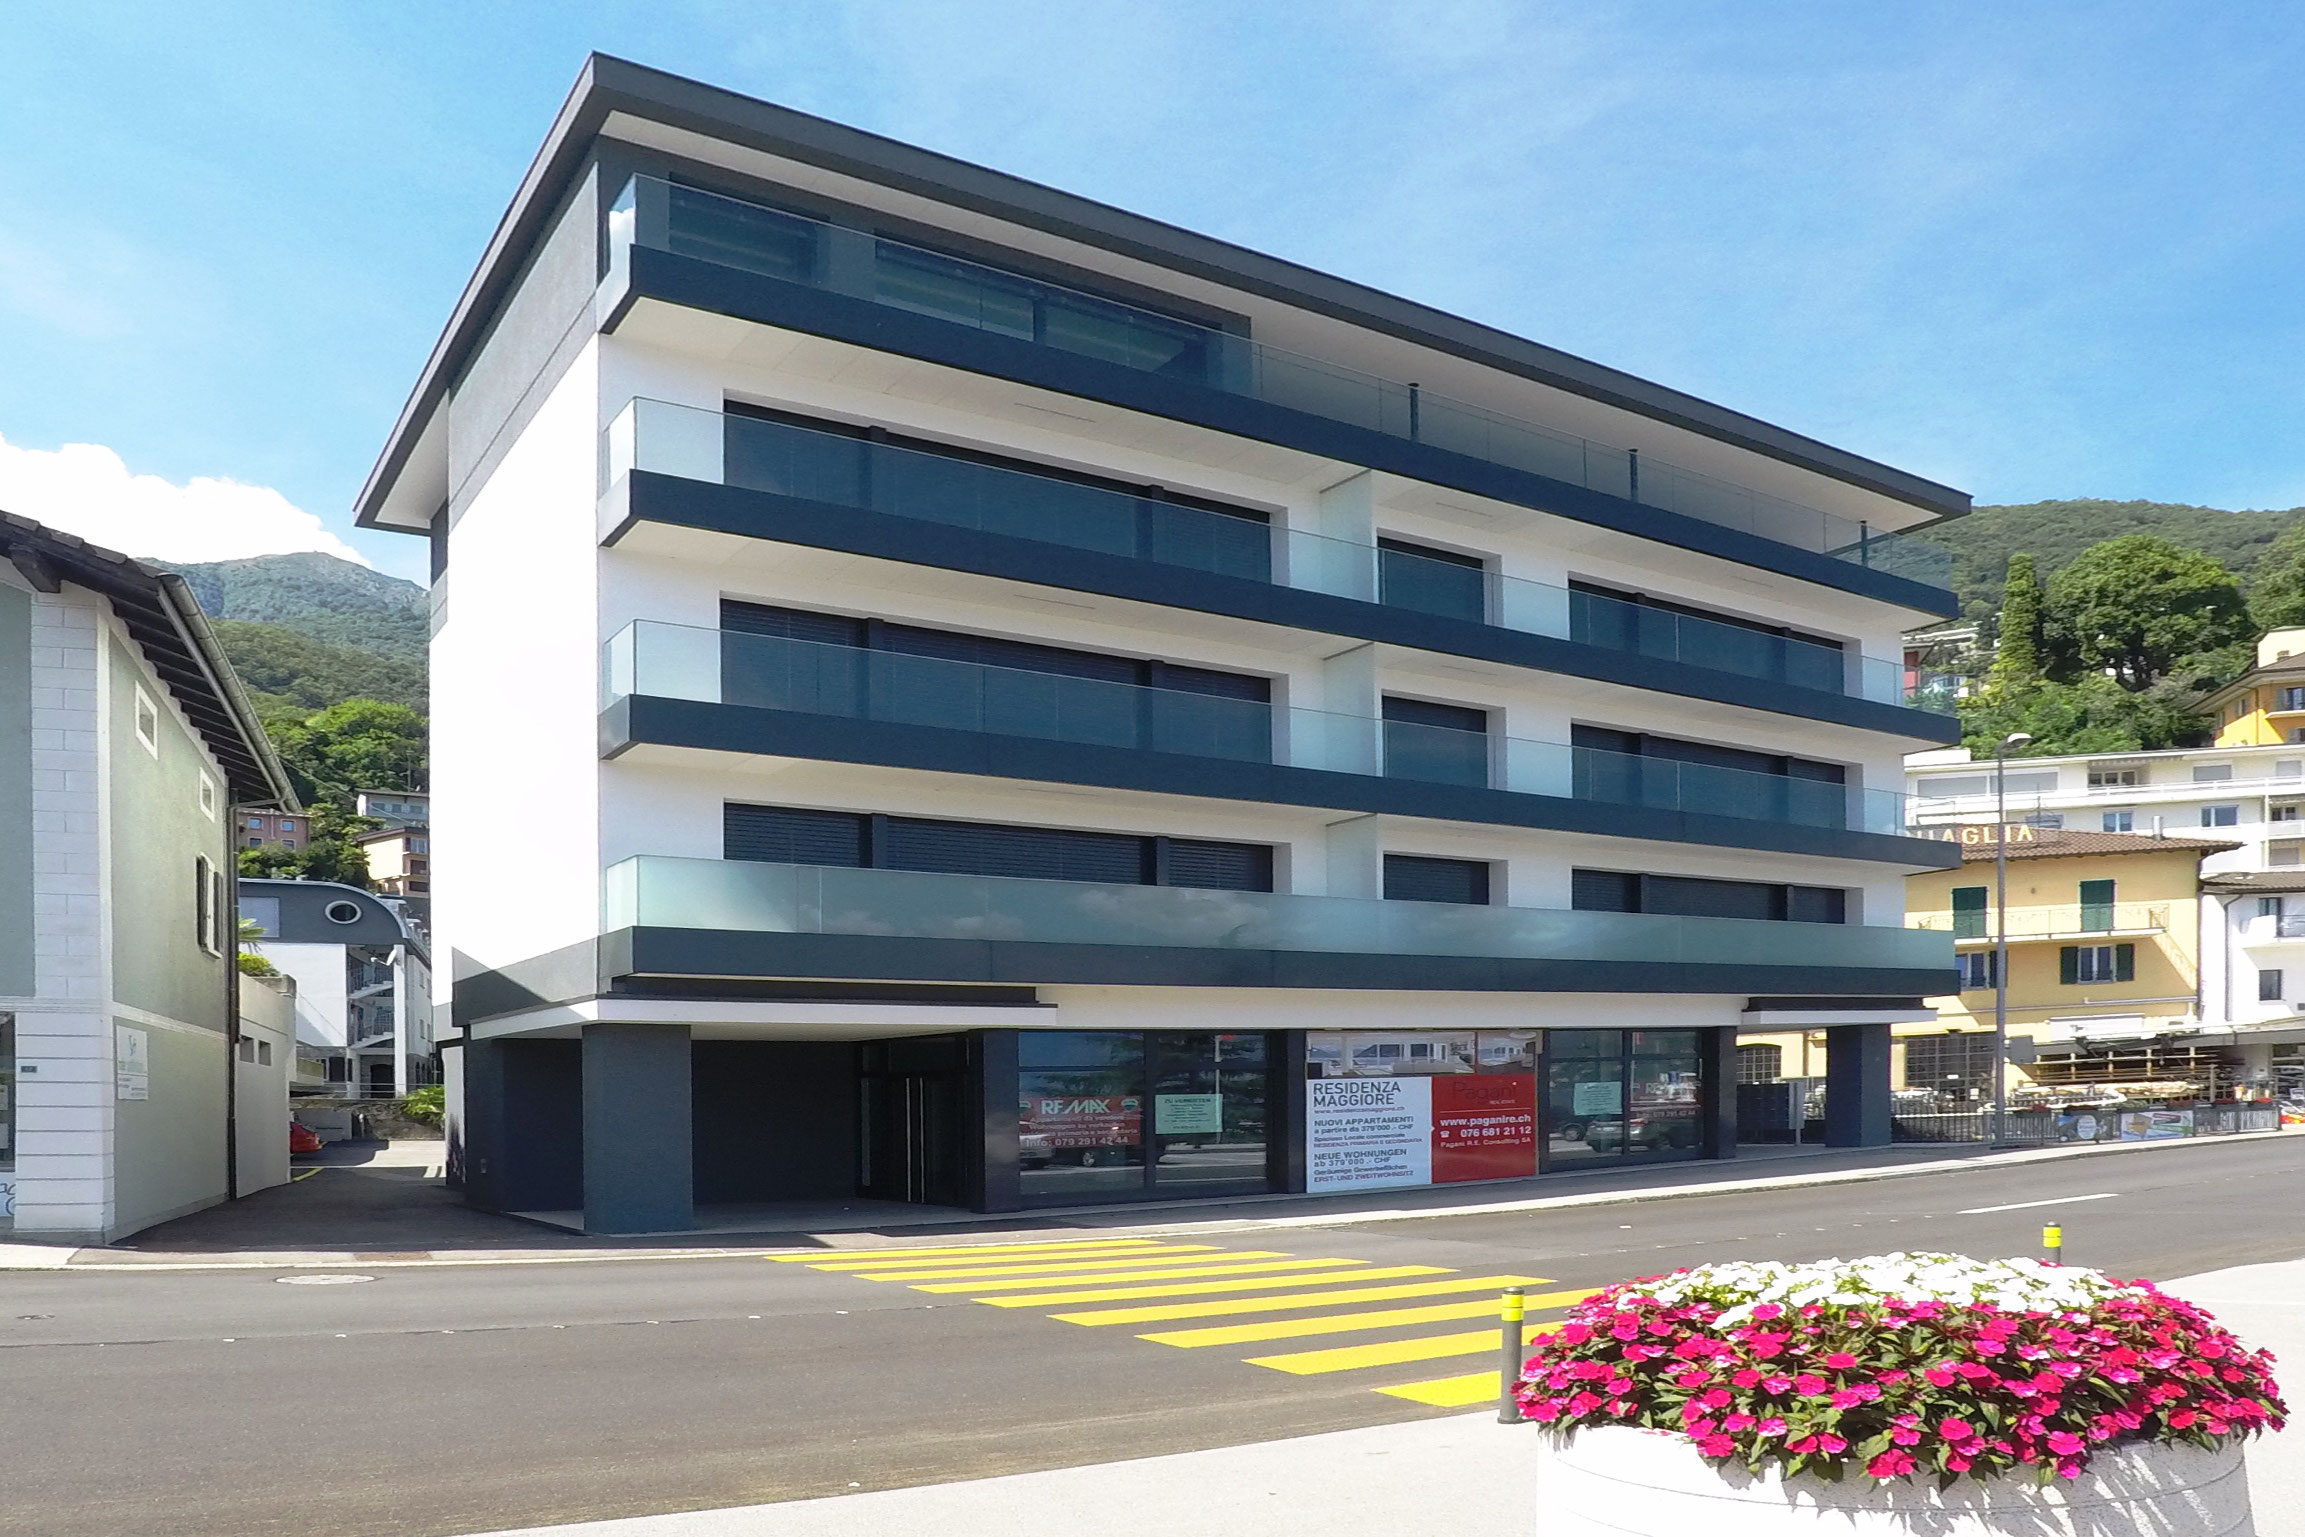 Residenza Maggiore - residenzamaggiore